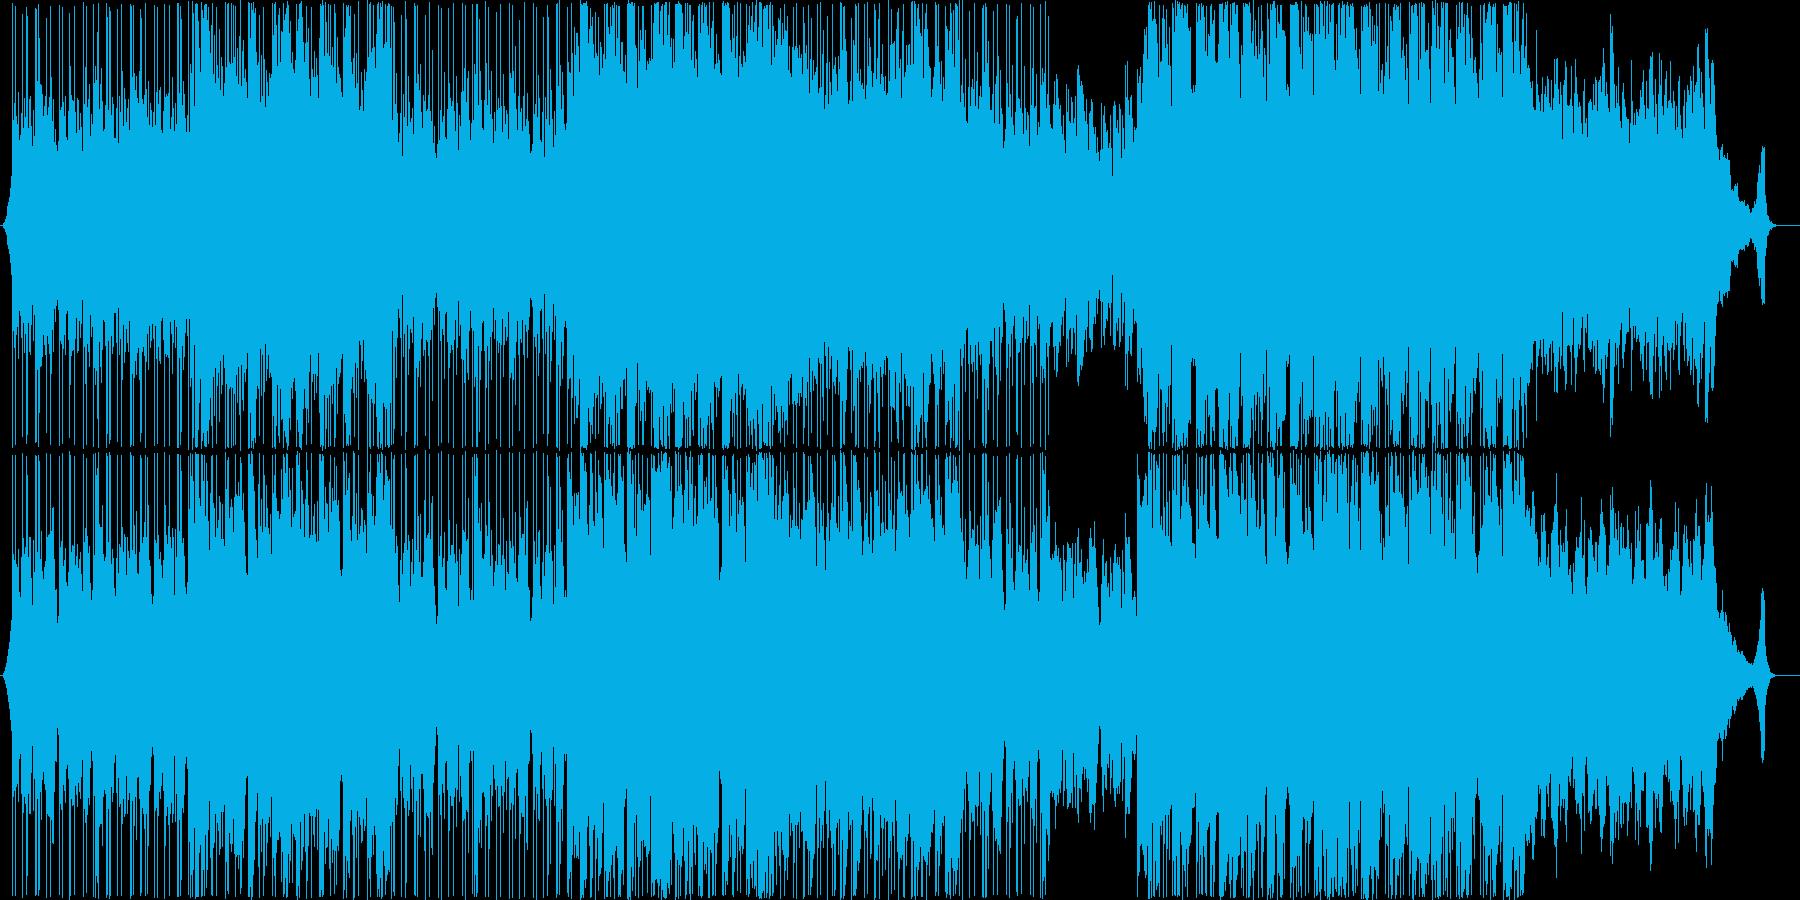 【コーラス抜き】②綺麗なアコースティックの再生済みの波形